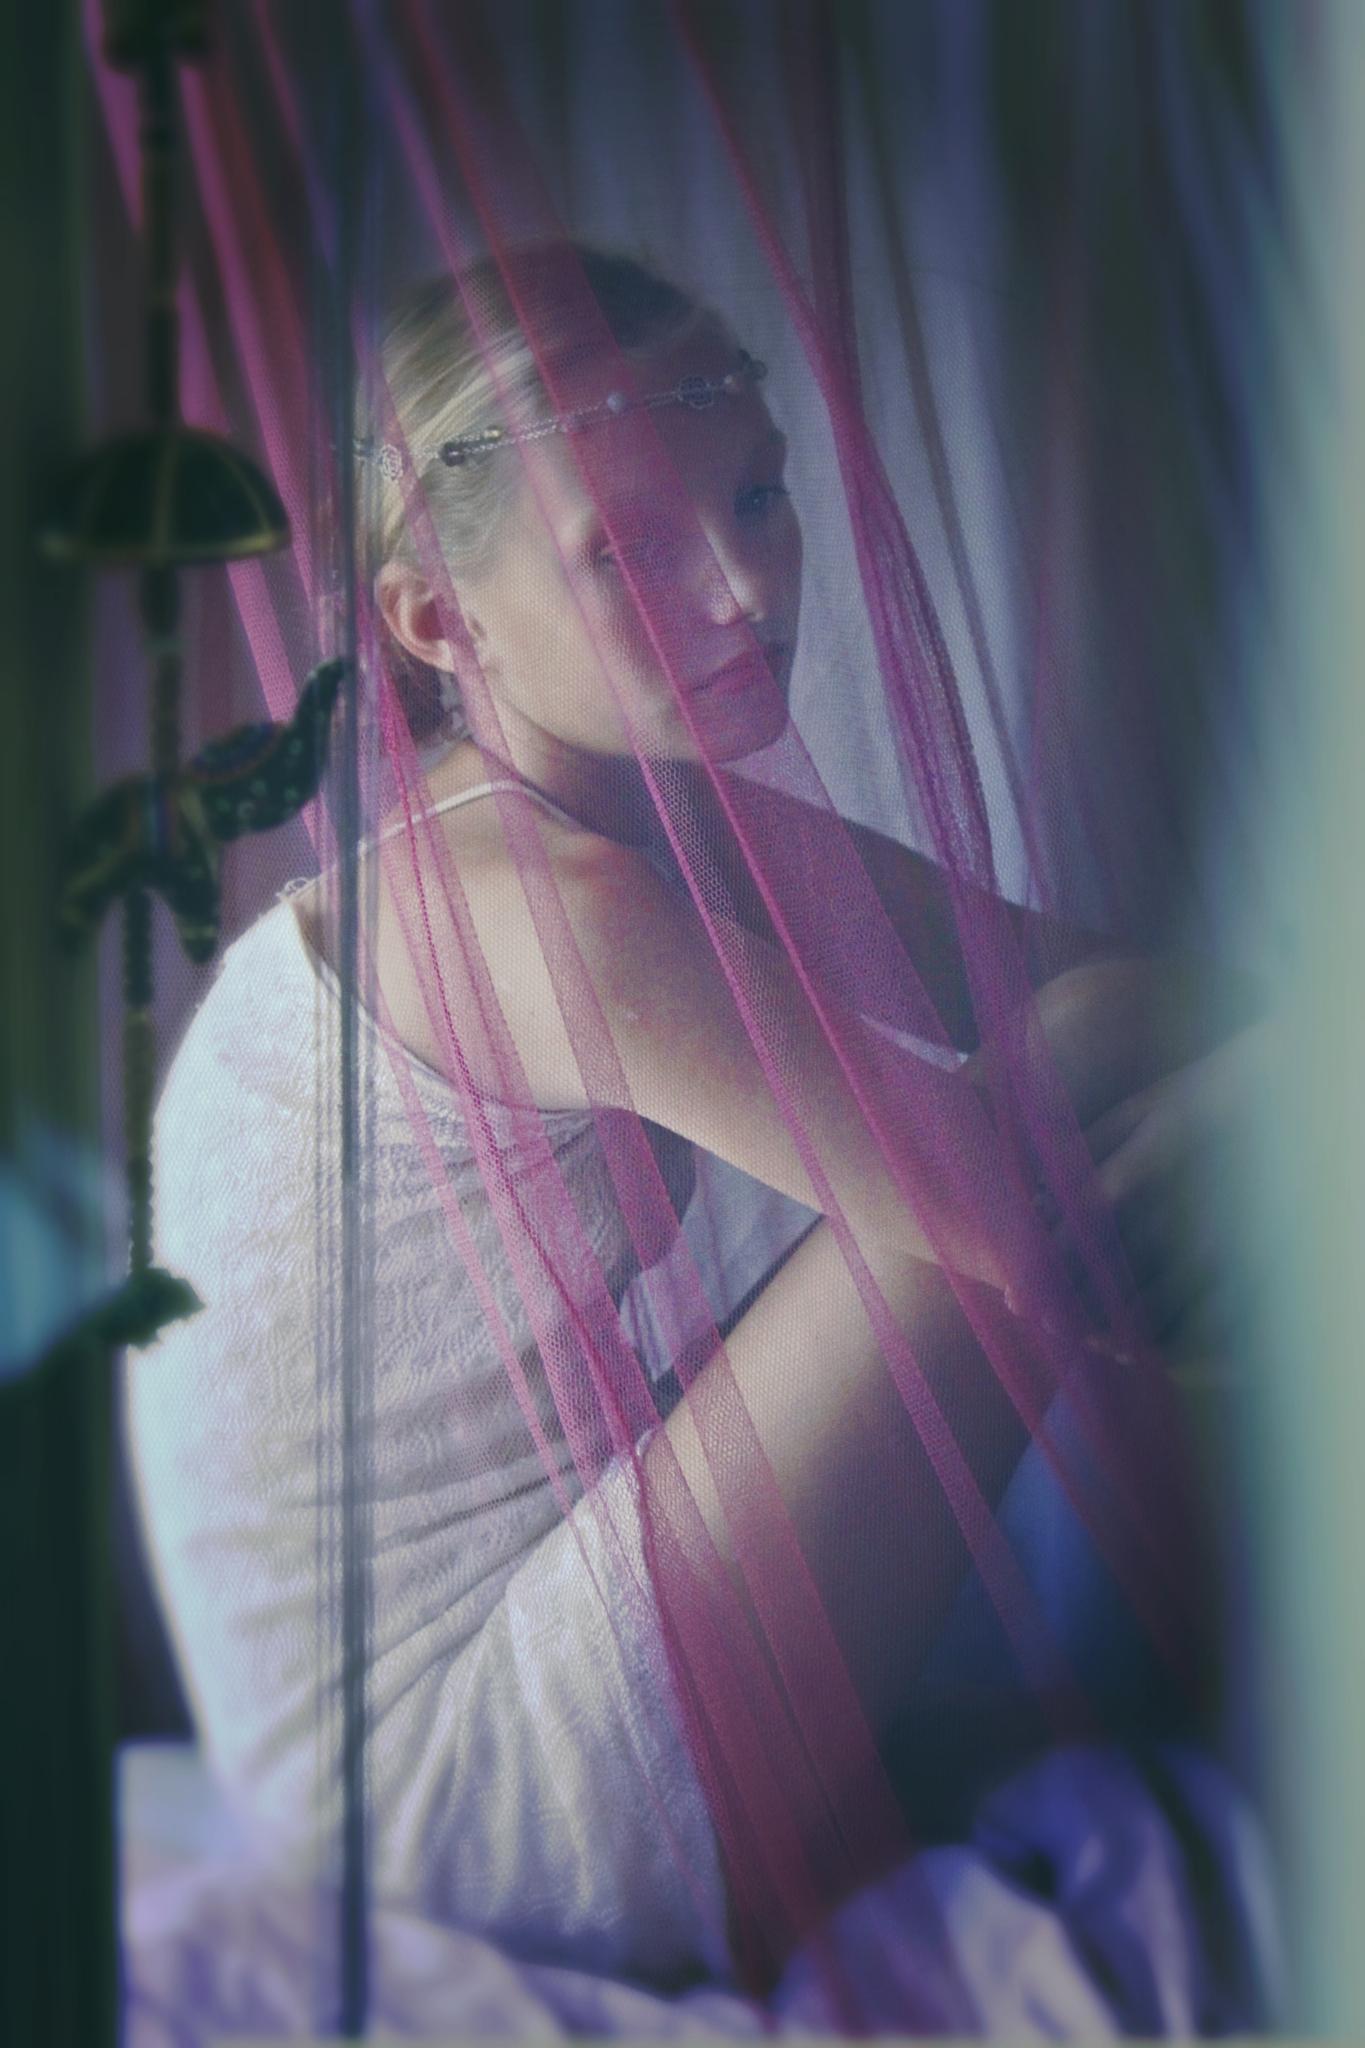 Princess Manon by Natalia Kovachevski